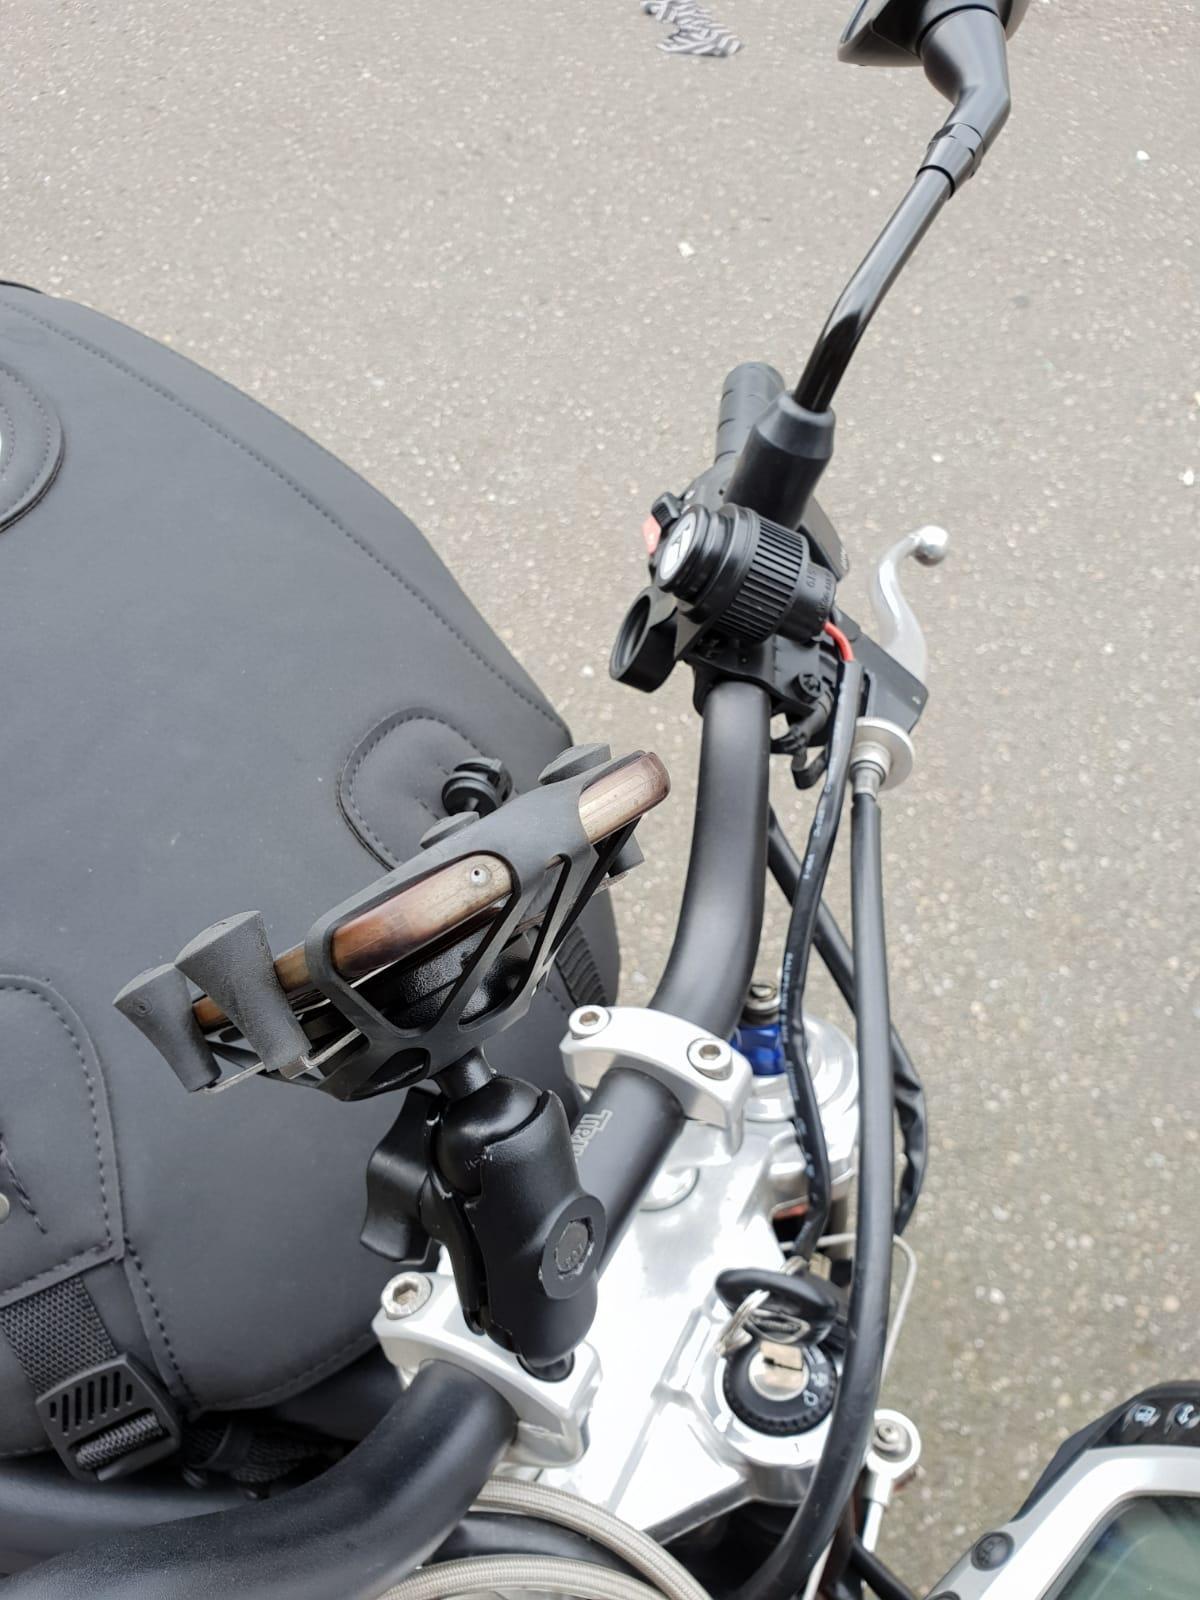 USB lader en telefoonhouder voor op je motor - te vinden bij Fris Motorservice